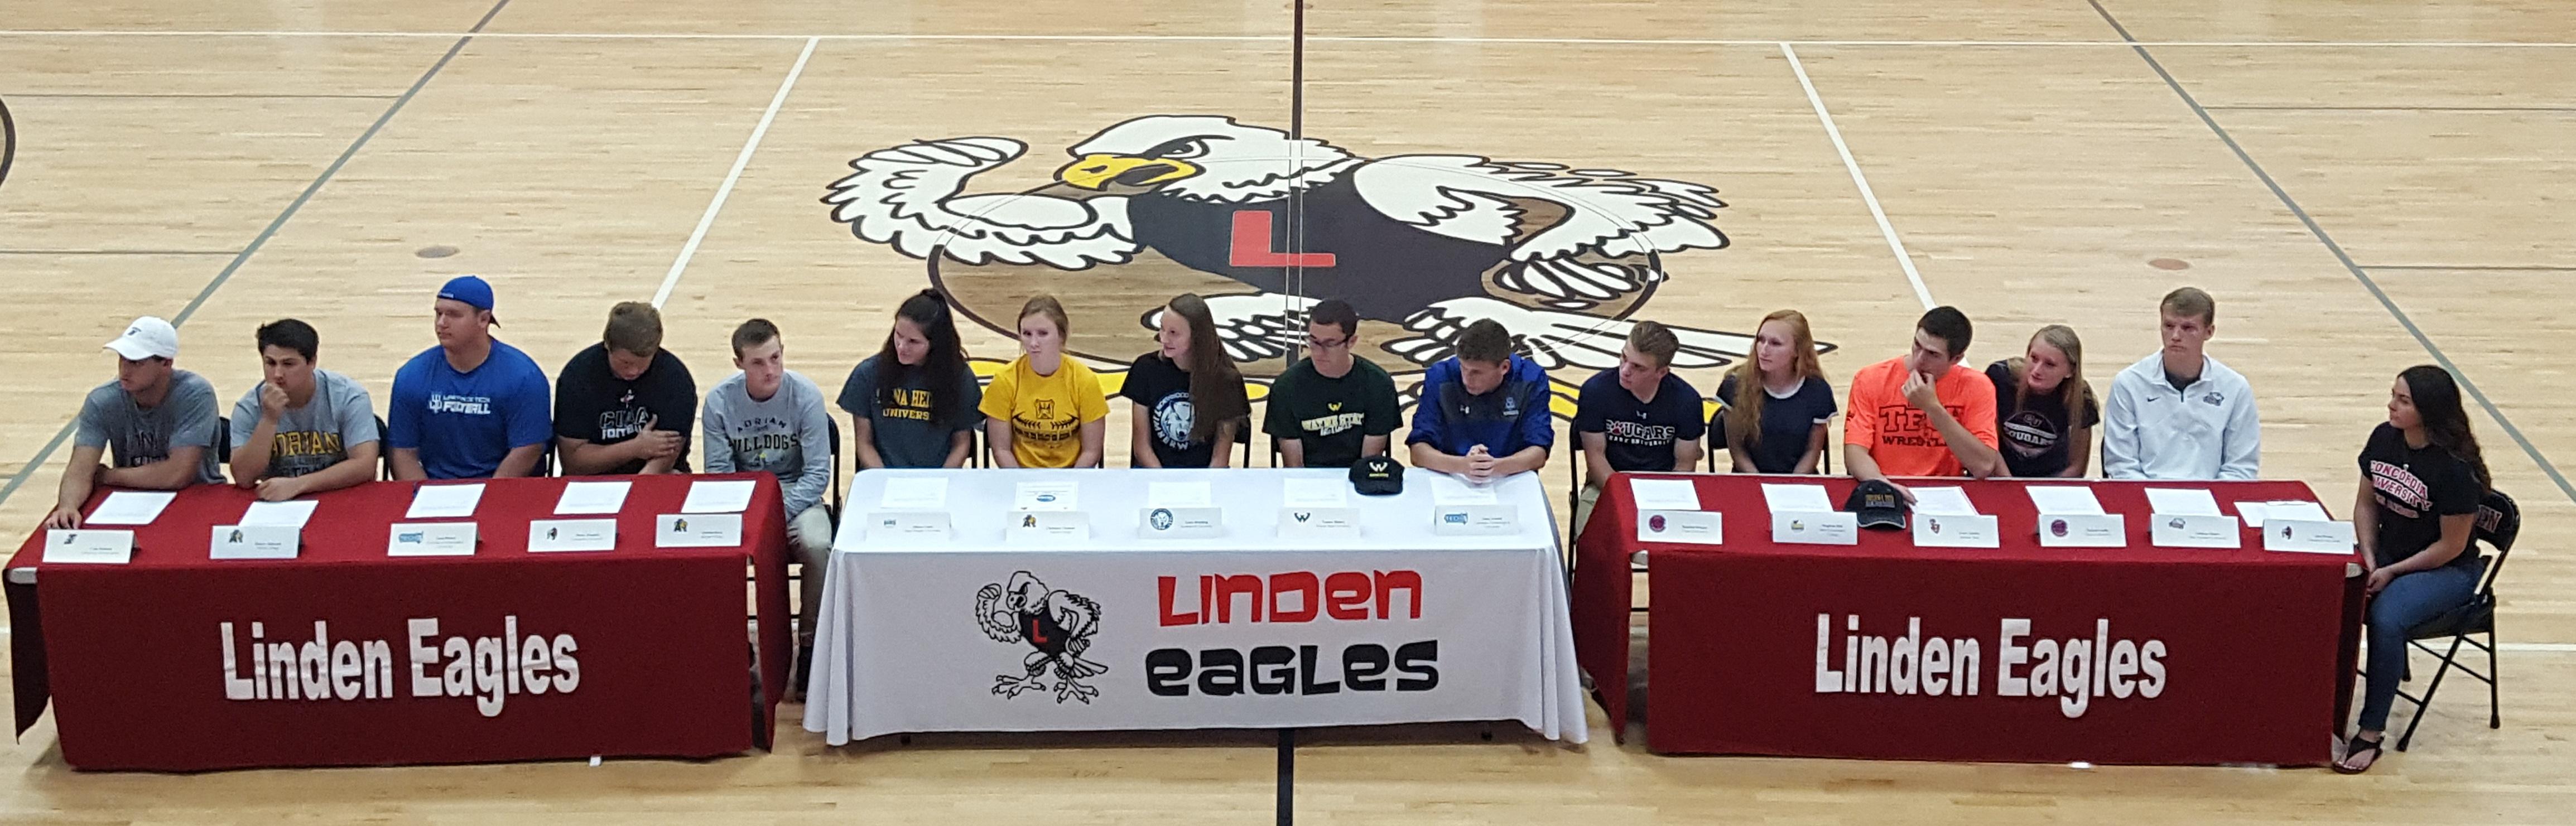 Linden Eagles 2018 Signing Day!!